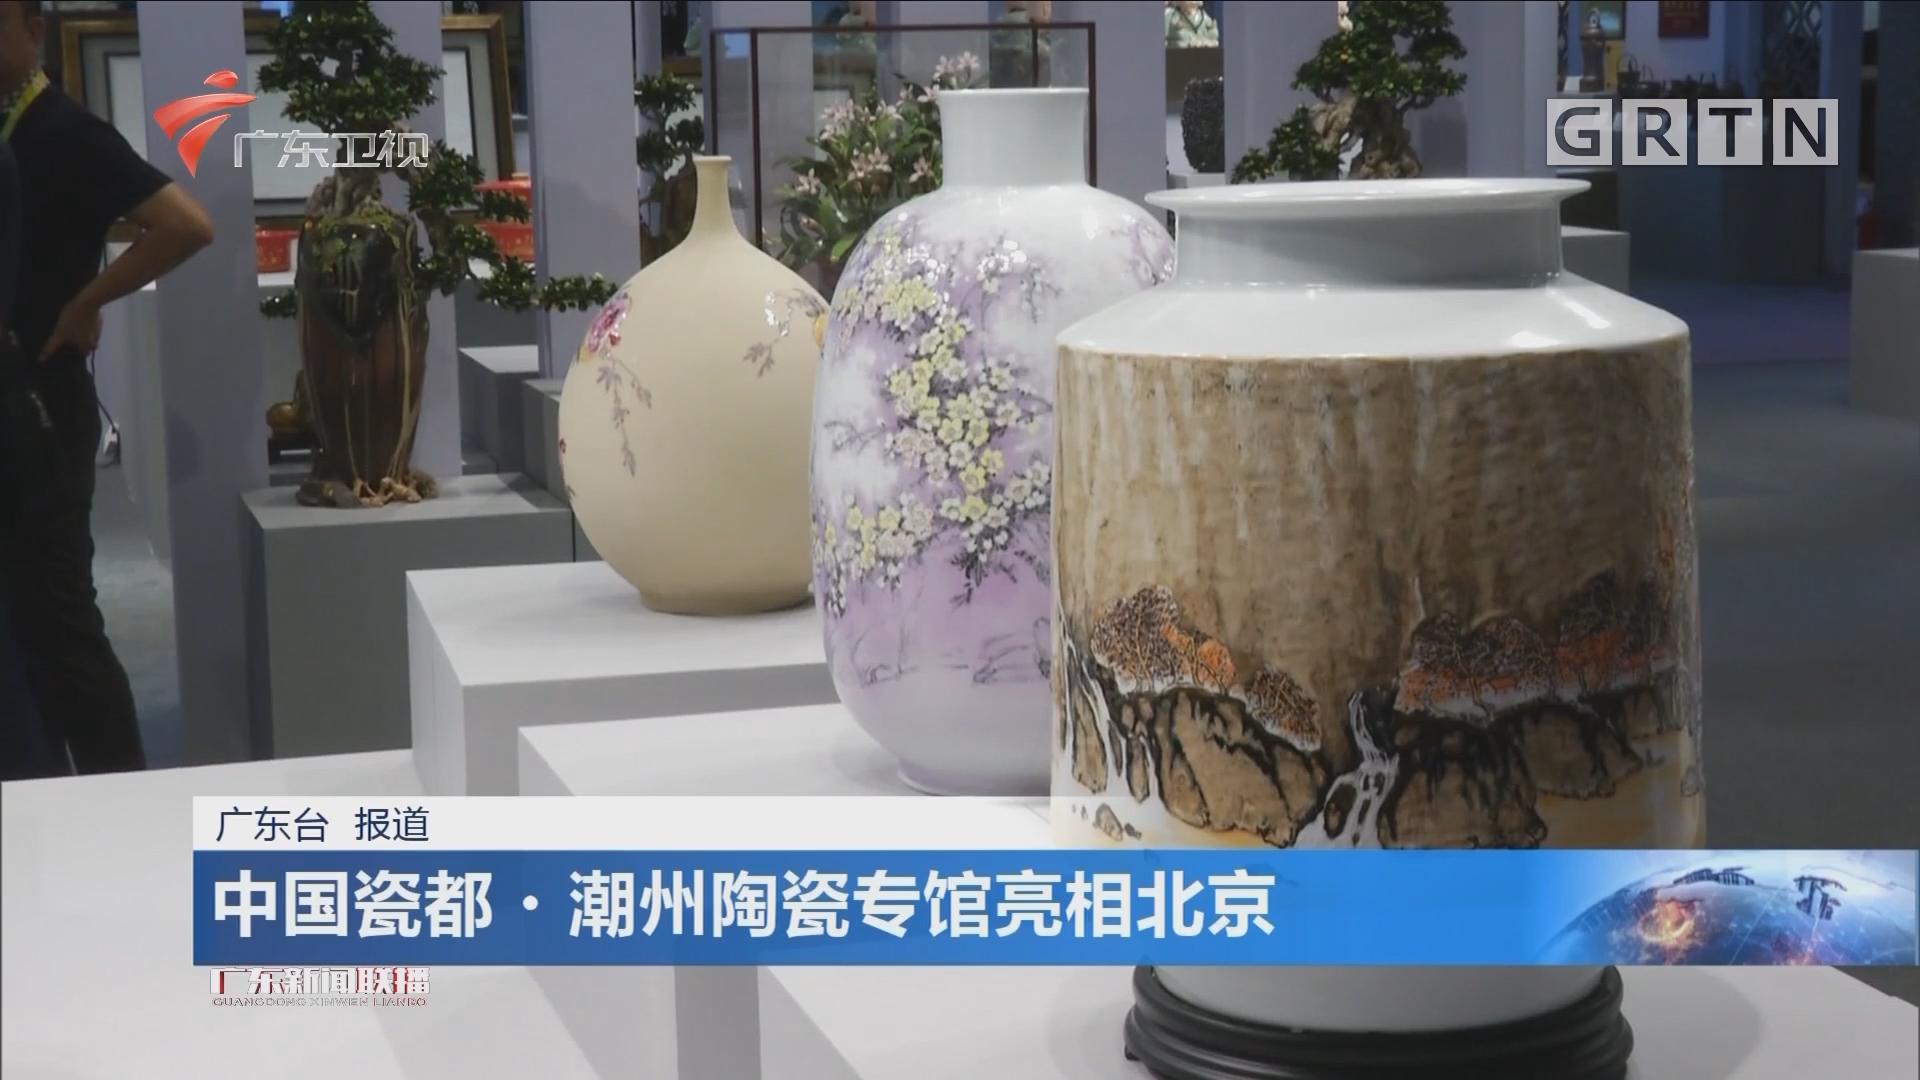 中国瓷都·潮州陶瓷专馆亮相北京